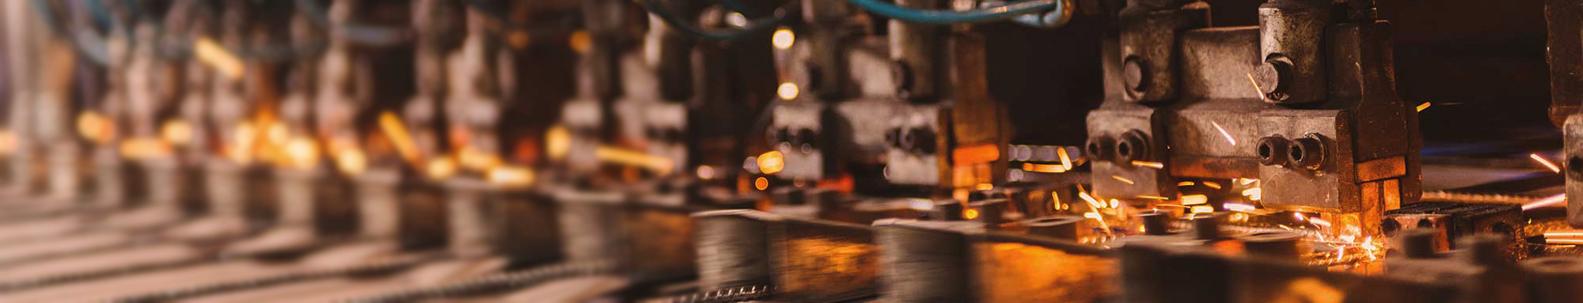 Automatinių staklių remontas, aptarnavimas, atsarginių dalių tiekimas